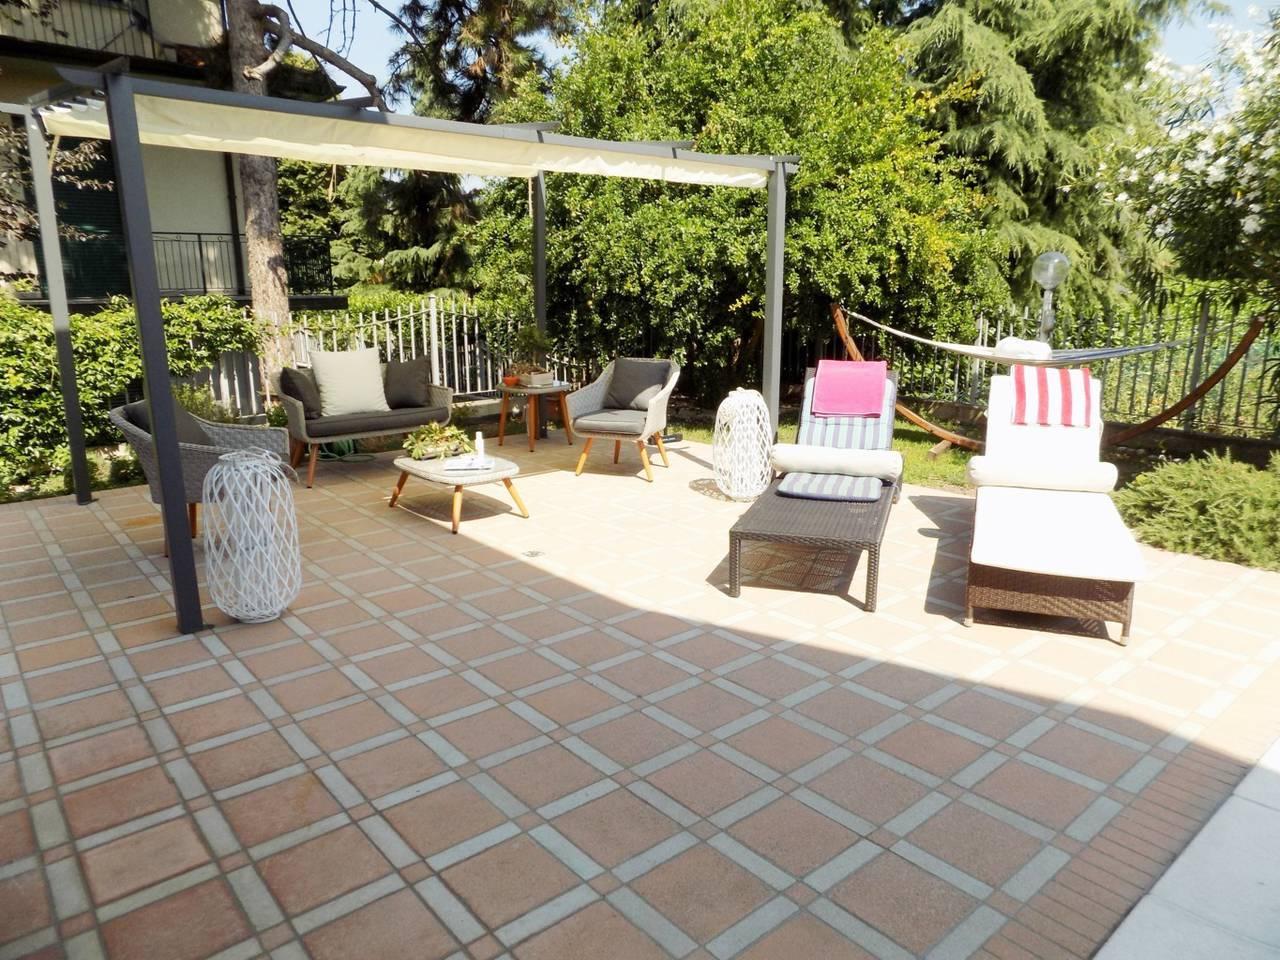 Villa-con-piscina-in-vendita-a-Trezzano-Rosa-18